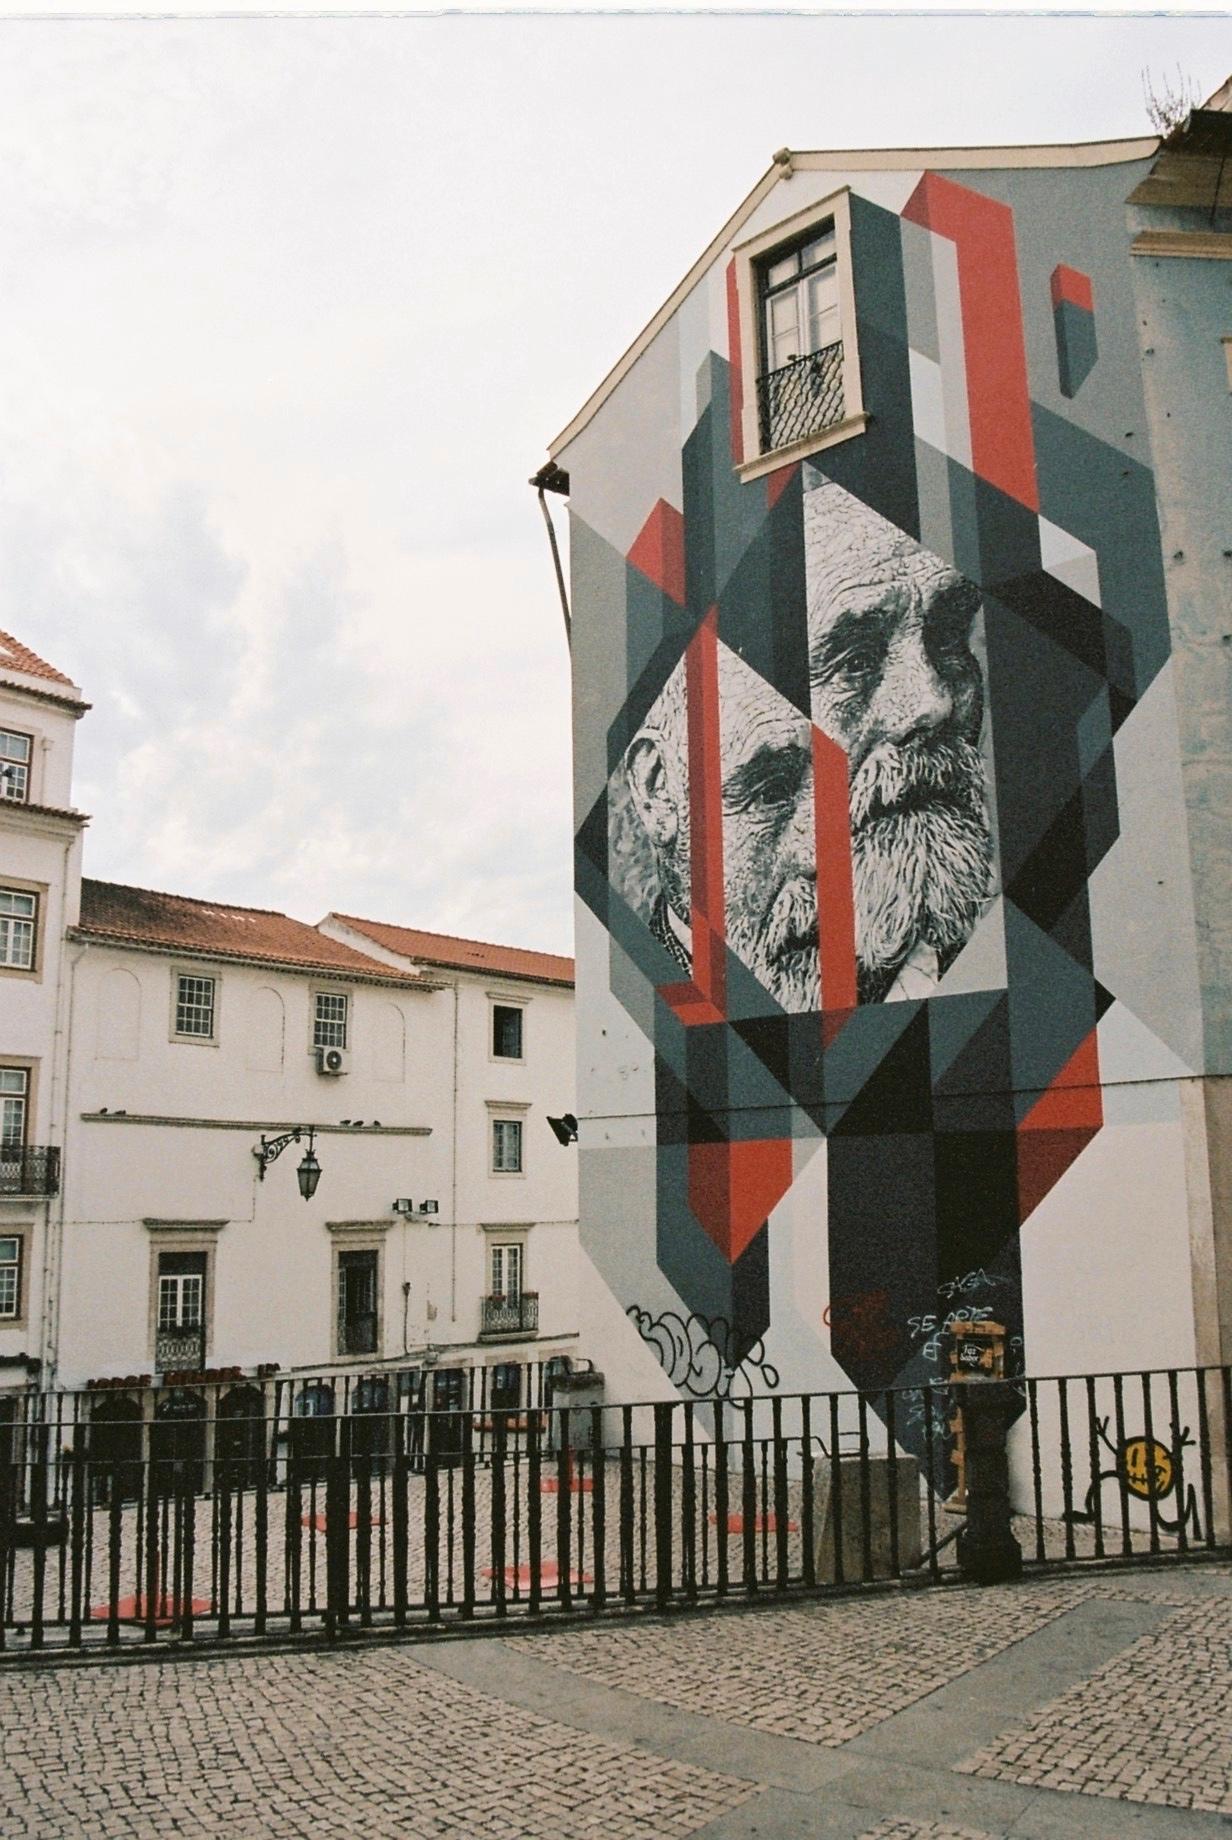 Coimbra 08-2019 - 23 of 62